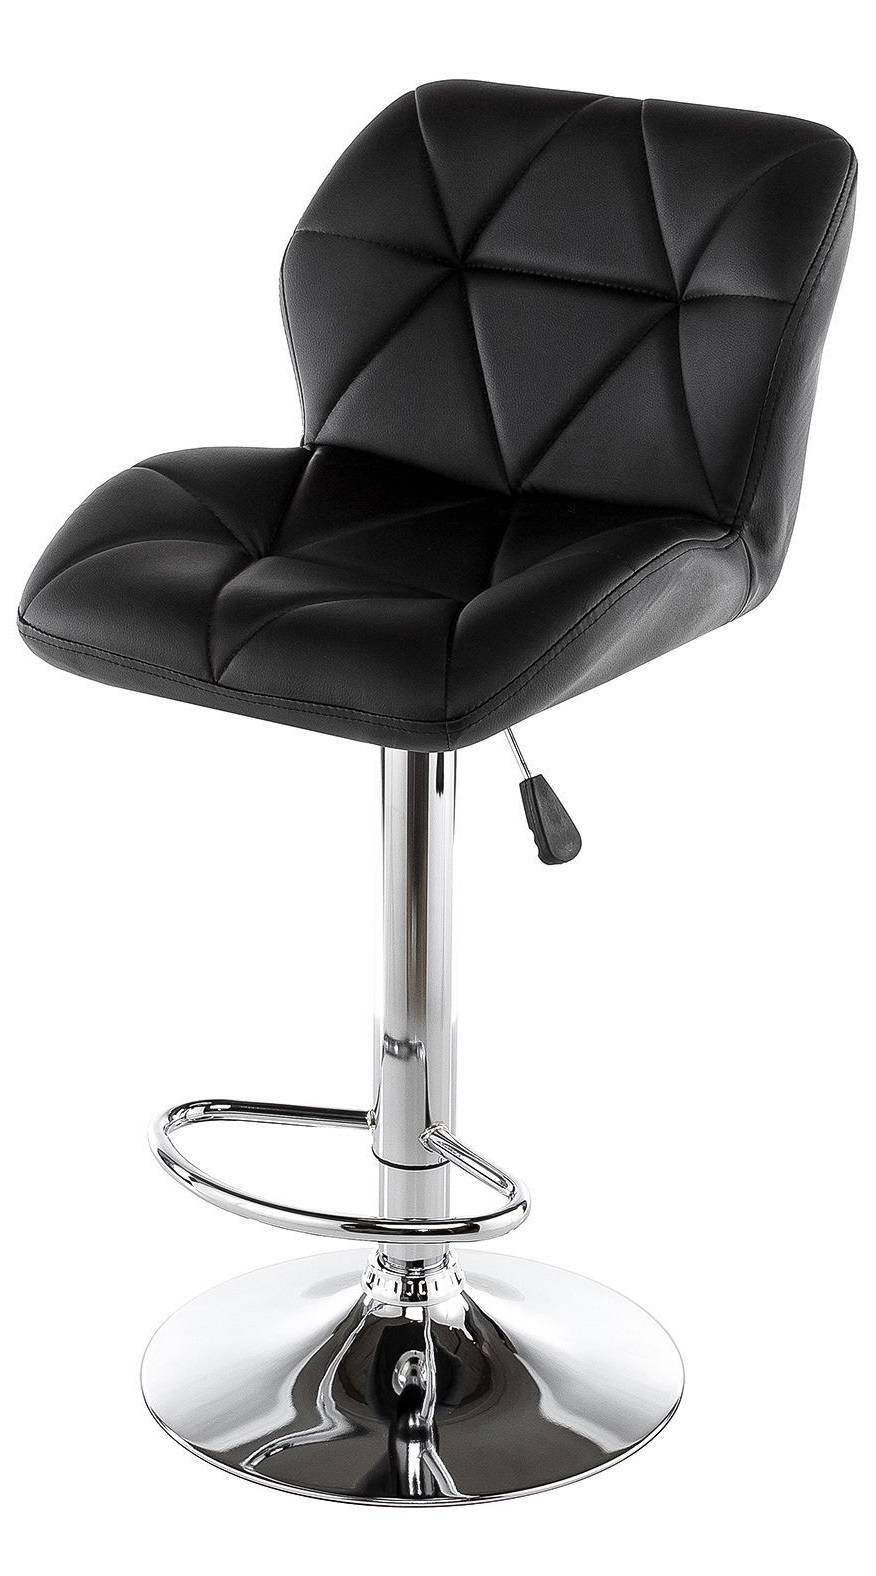 Купить барный стул TRIO в Raroom